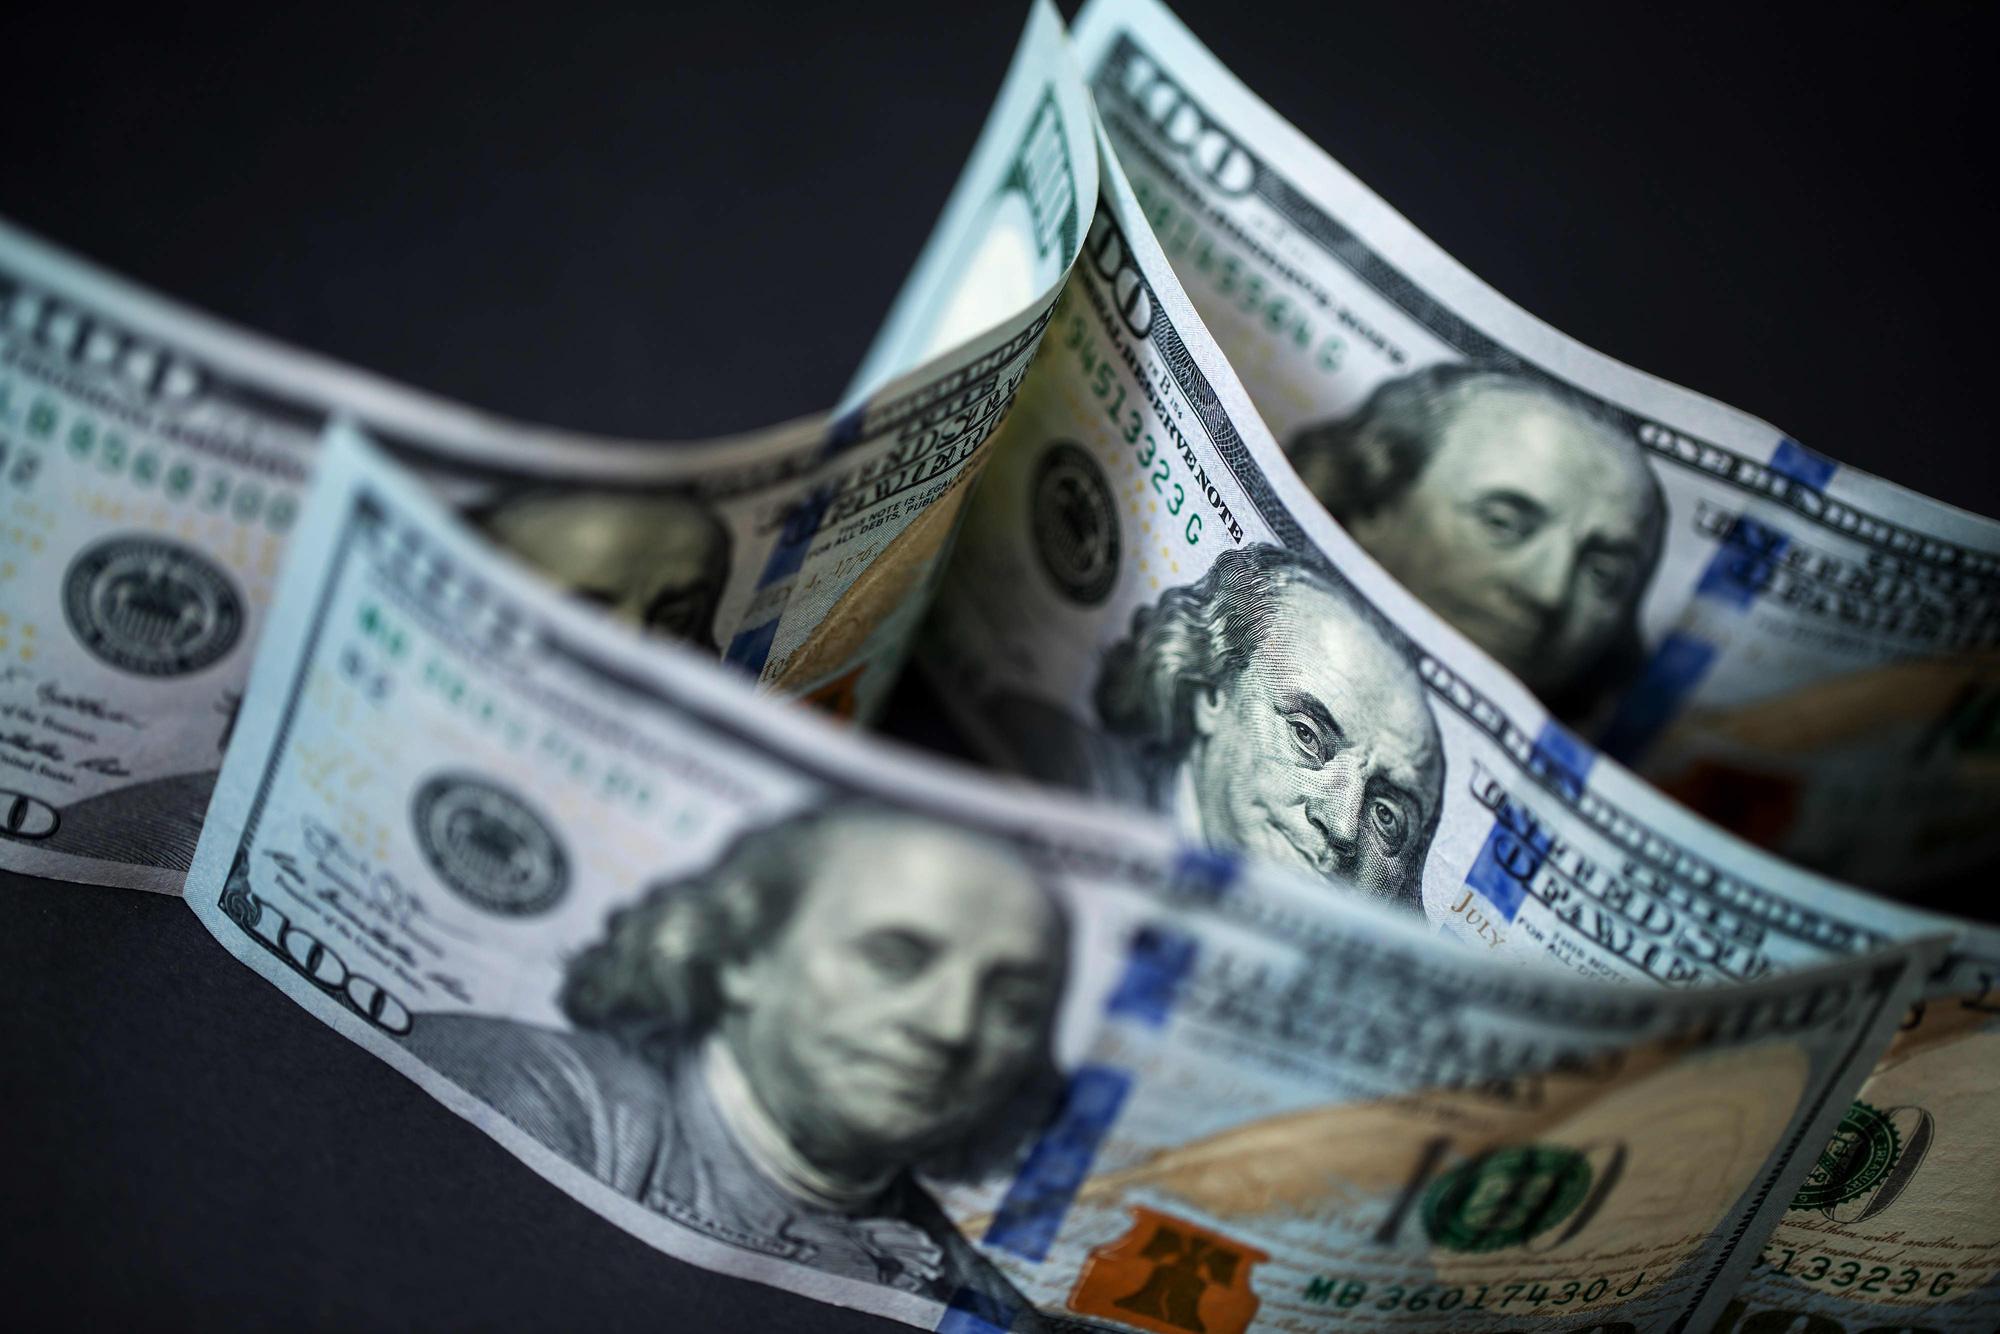 Sự kiện thị trường ngoại hối tuần này 6/9 - 10/9: Kinh tế Mỹ - Trung chông chênh trước biến chủng Delta - Ảnh 1.